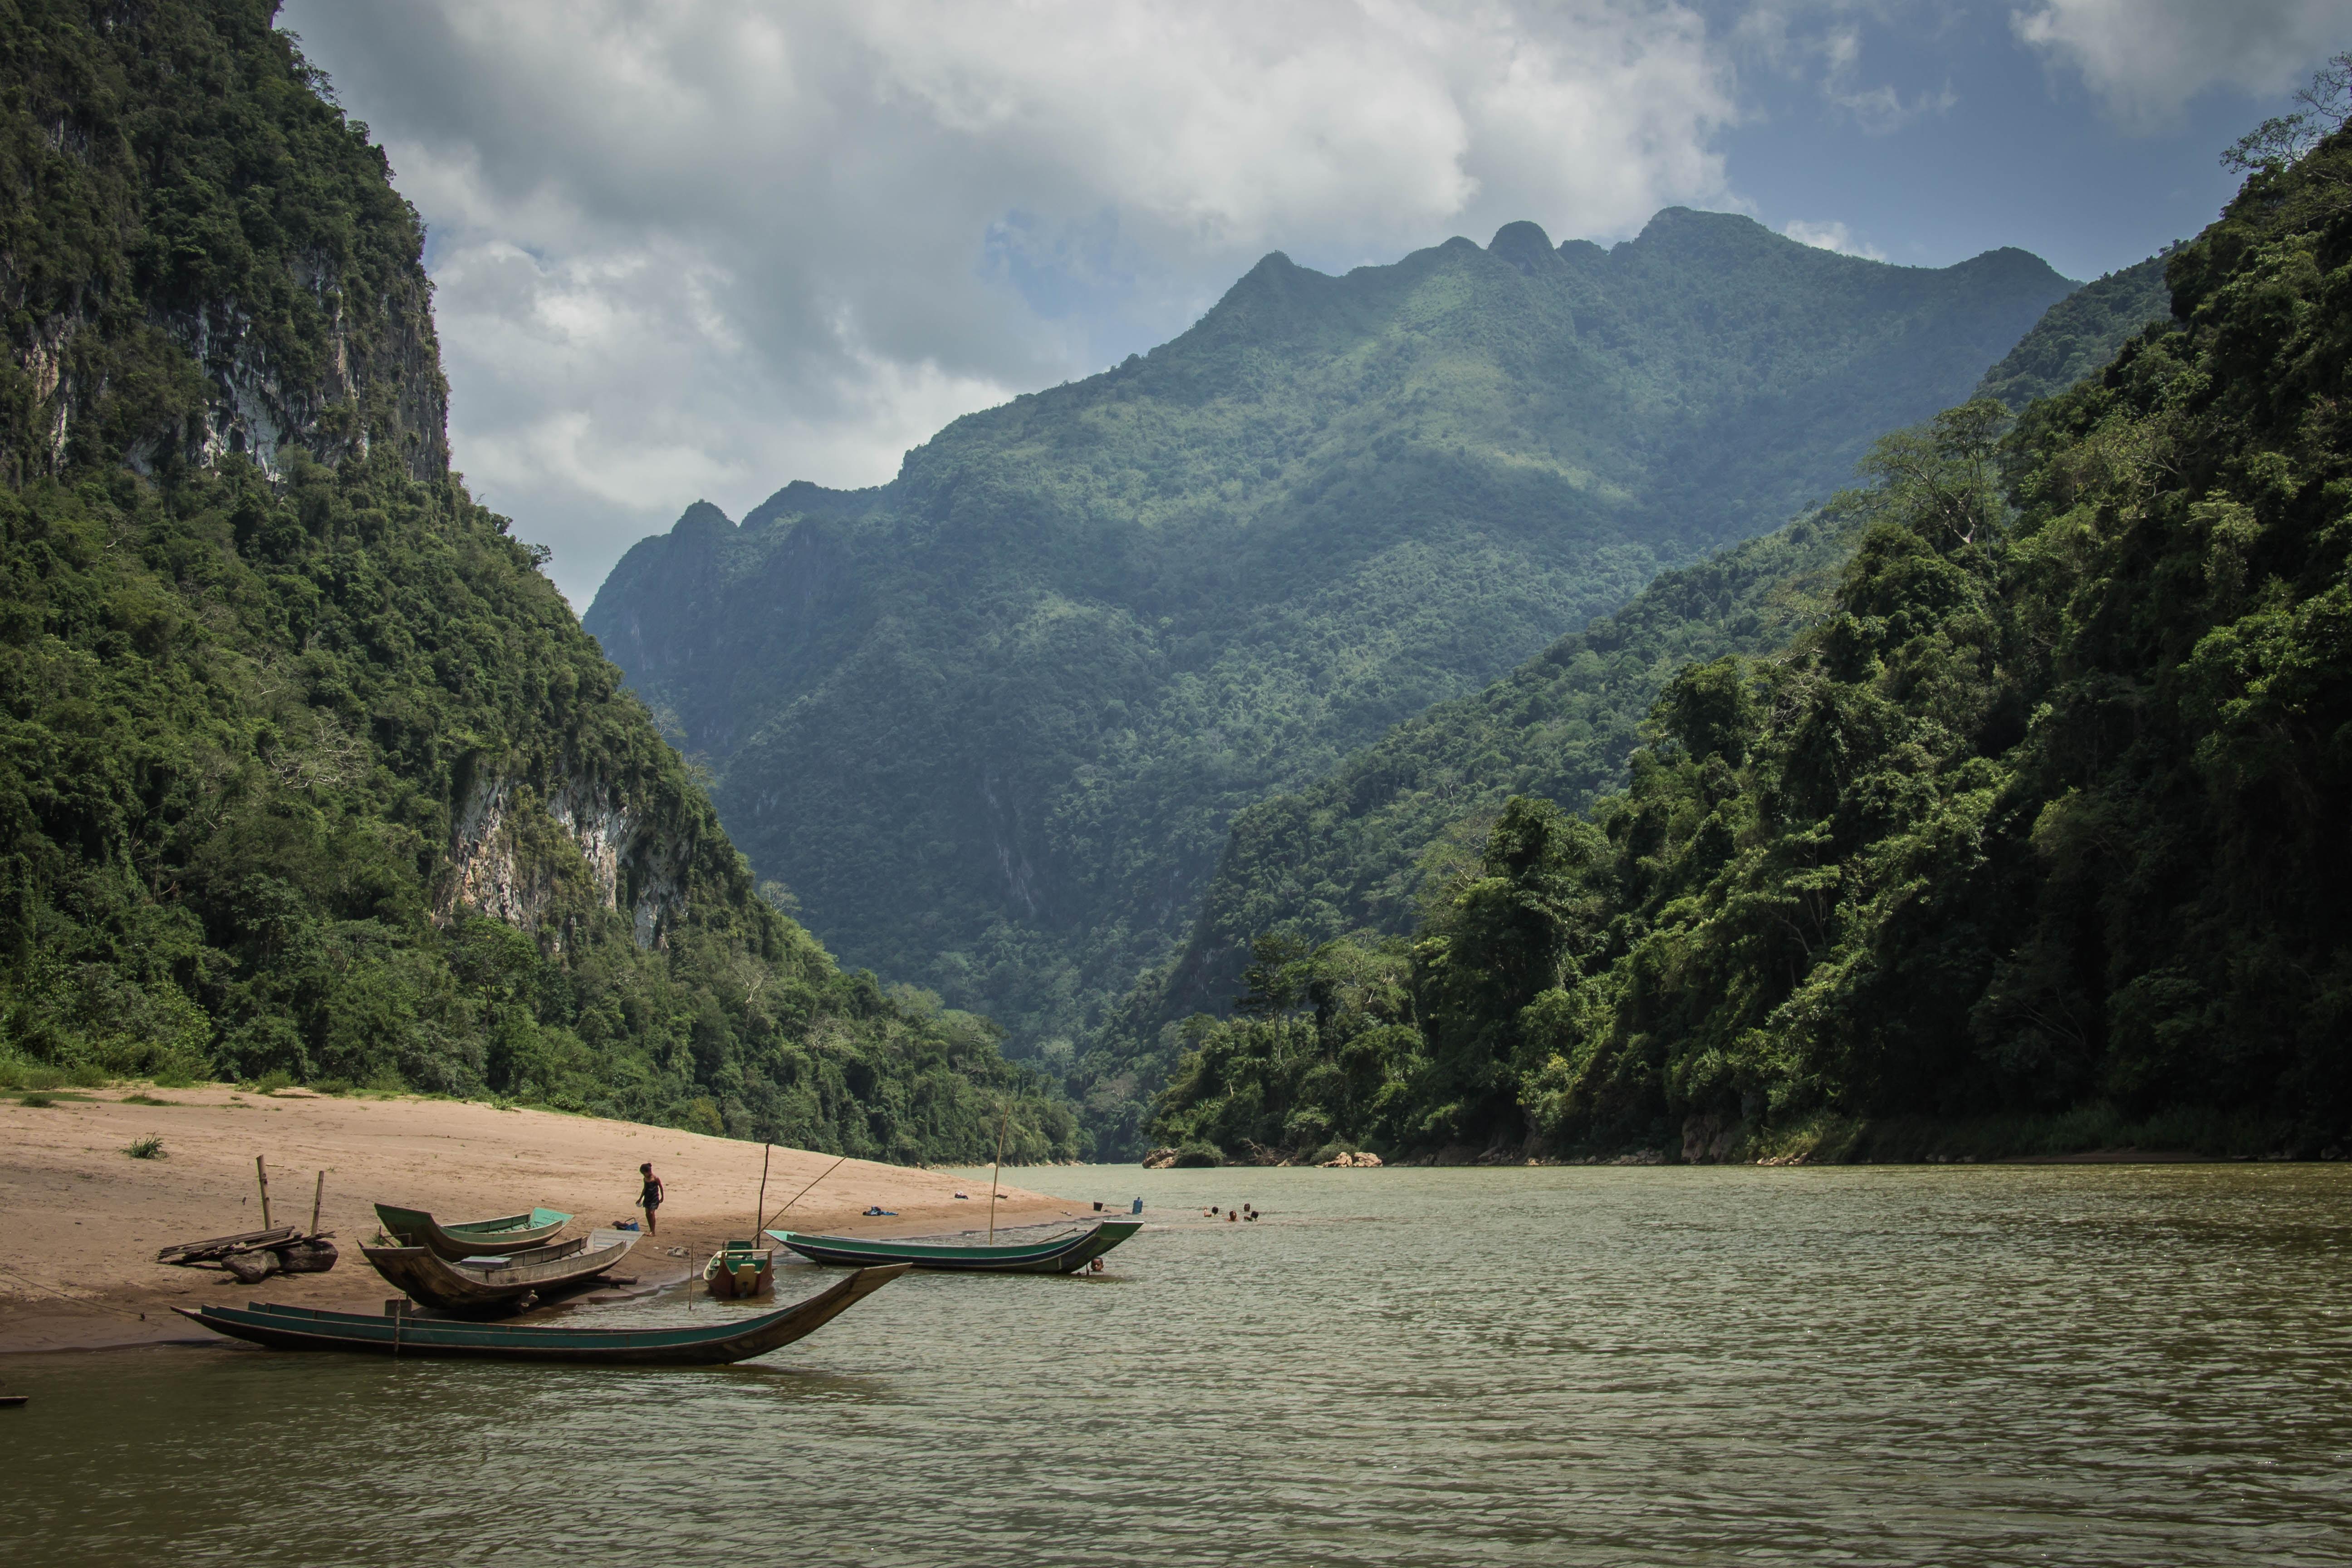 Croisière au Laos : découverte du Triangle d'Or